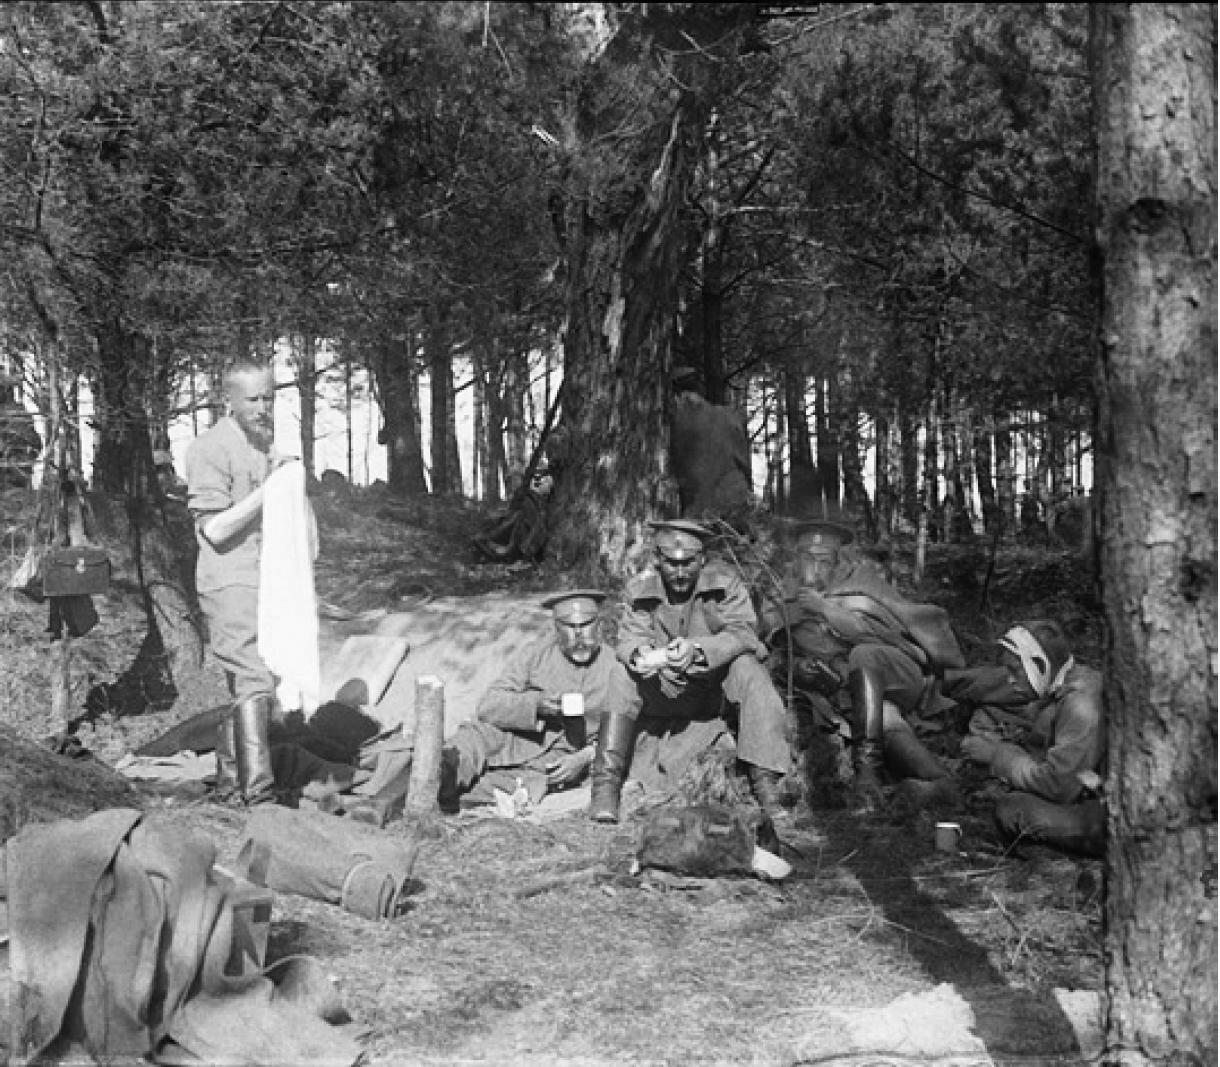 88. 1916. Солдаты на отдыхе. Начало лета. Позиции на реке Сервечь, Минская губерния